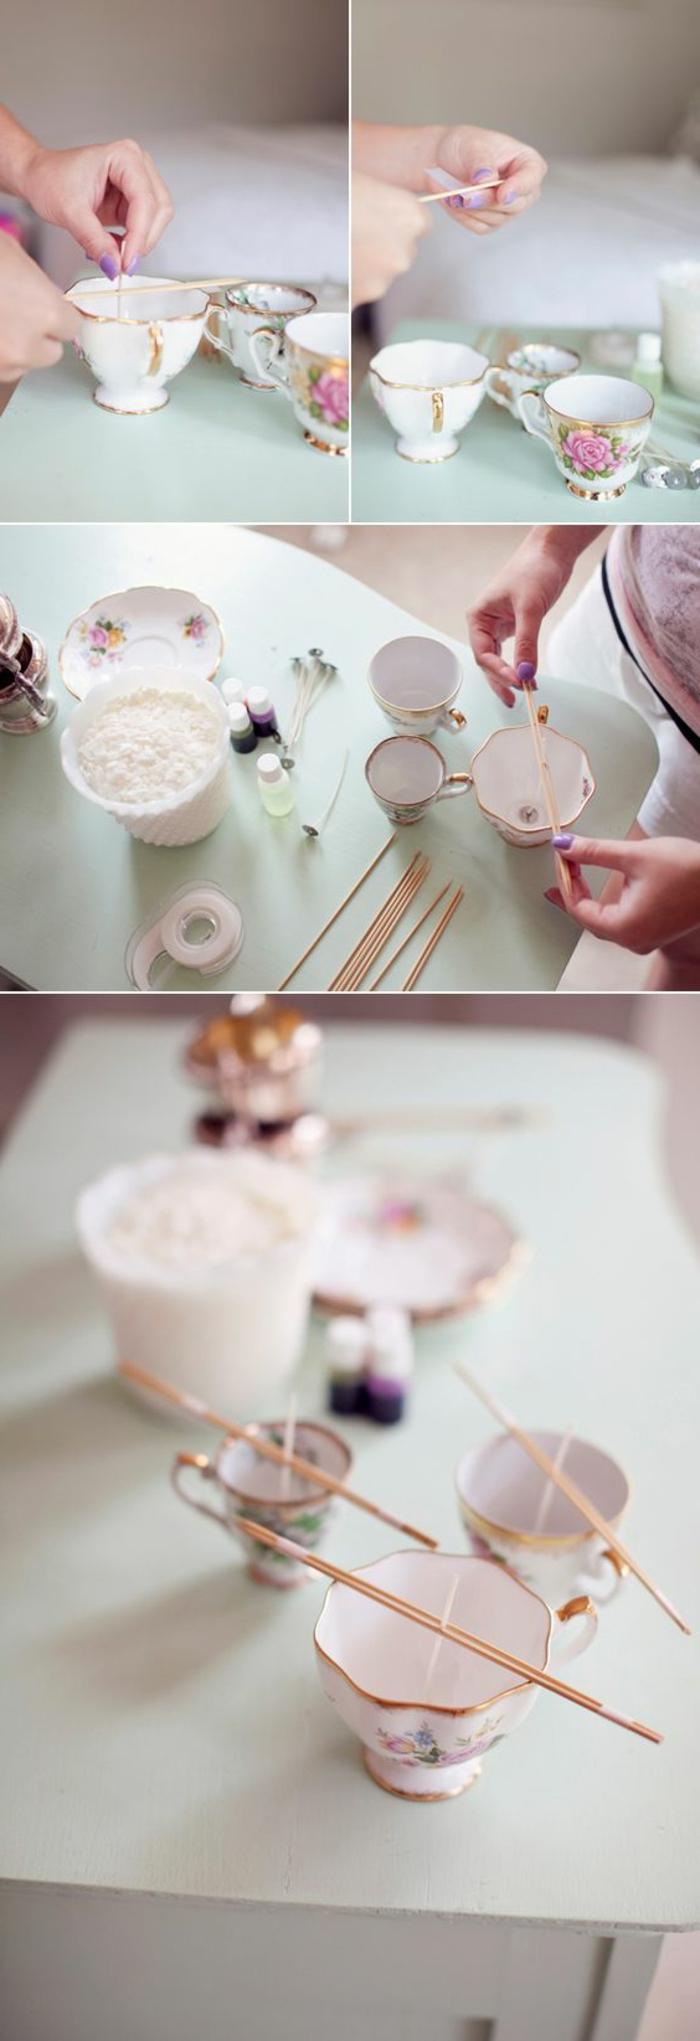 kerzen selber machen - kerze in kaffeetasse gießen